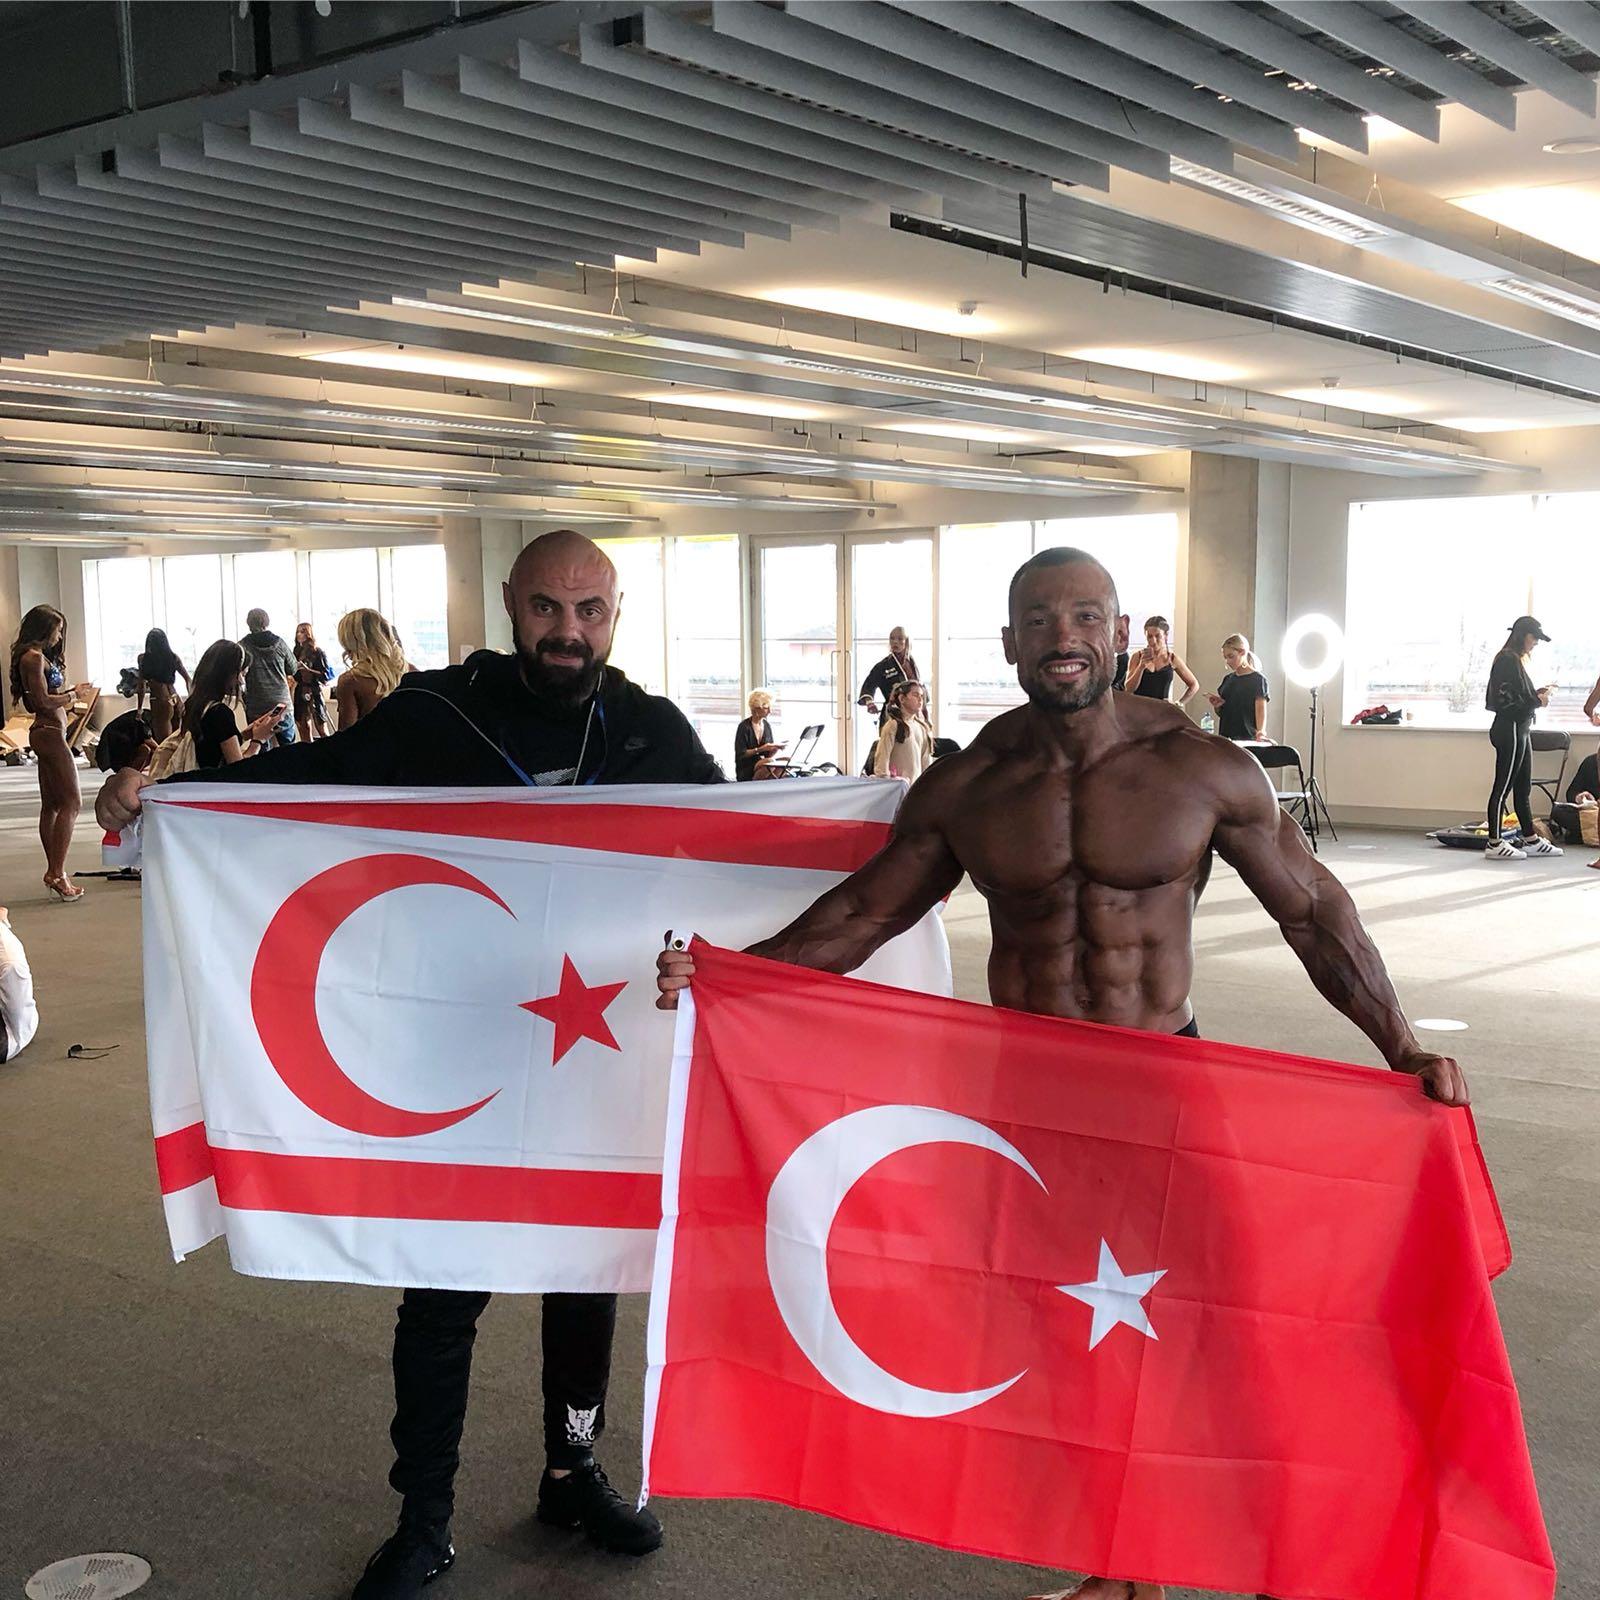 Mevsimler, IFBB Şampiyonasında Dünya 4.'sü oldu